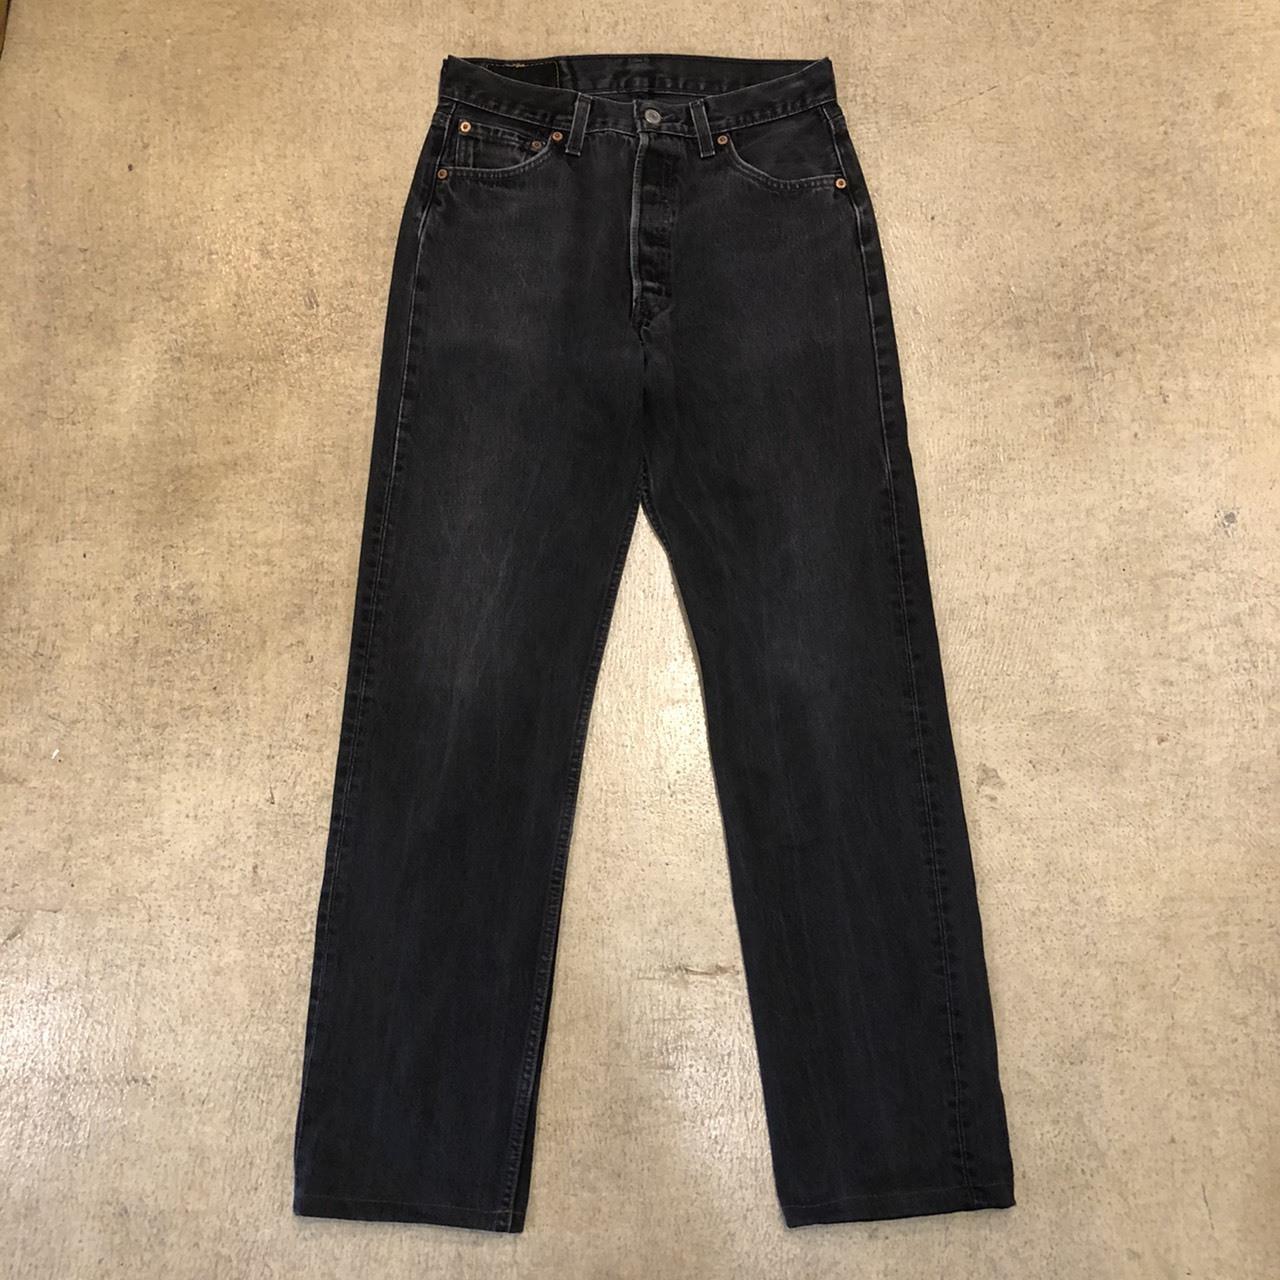 Levi's 501 Black Denim USA  ¥8,000+tax